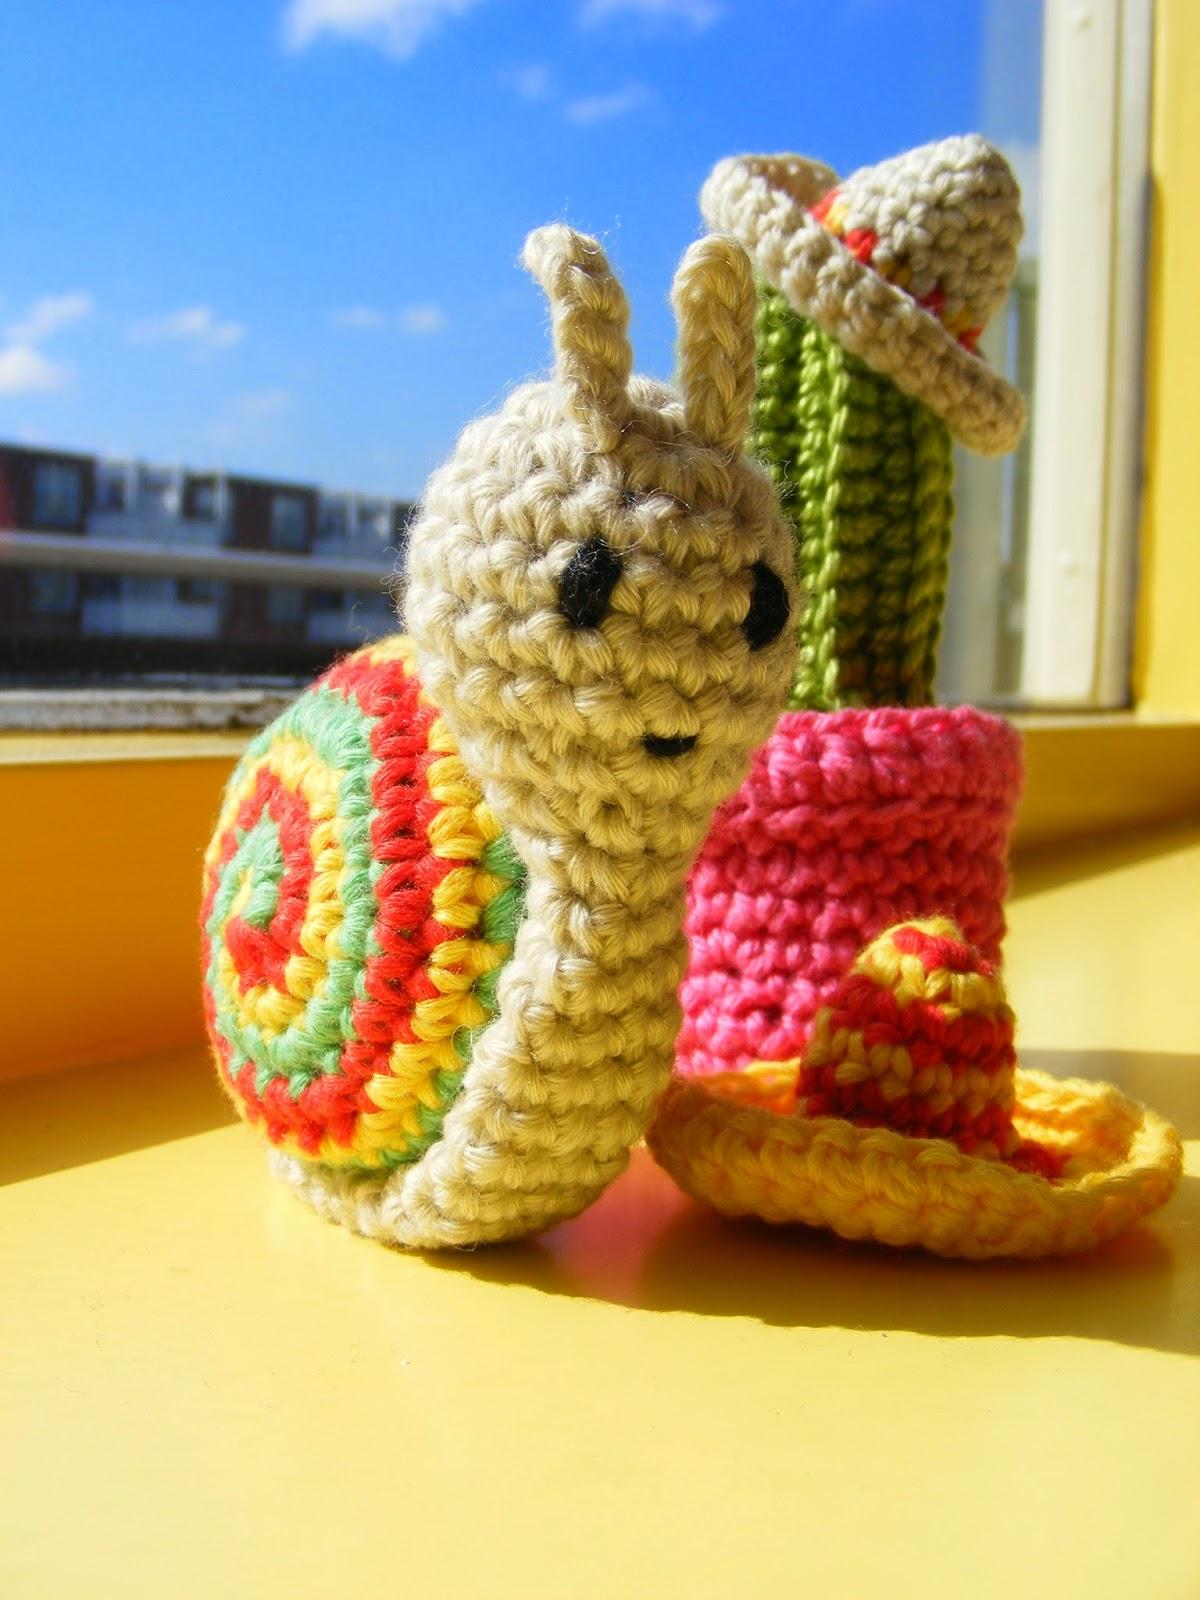 haken amigurumi slak cactus sombrero mexico